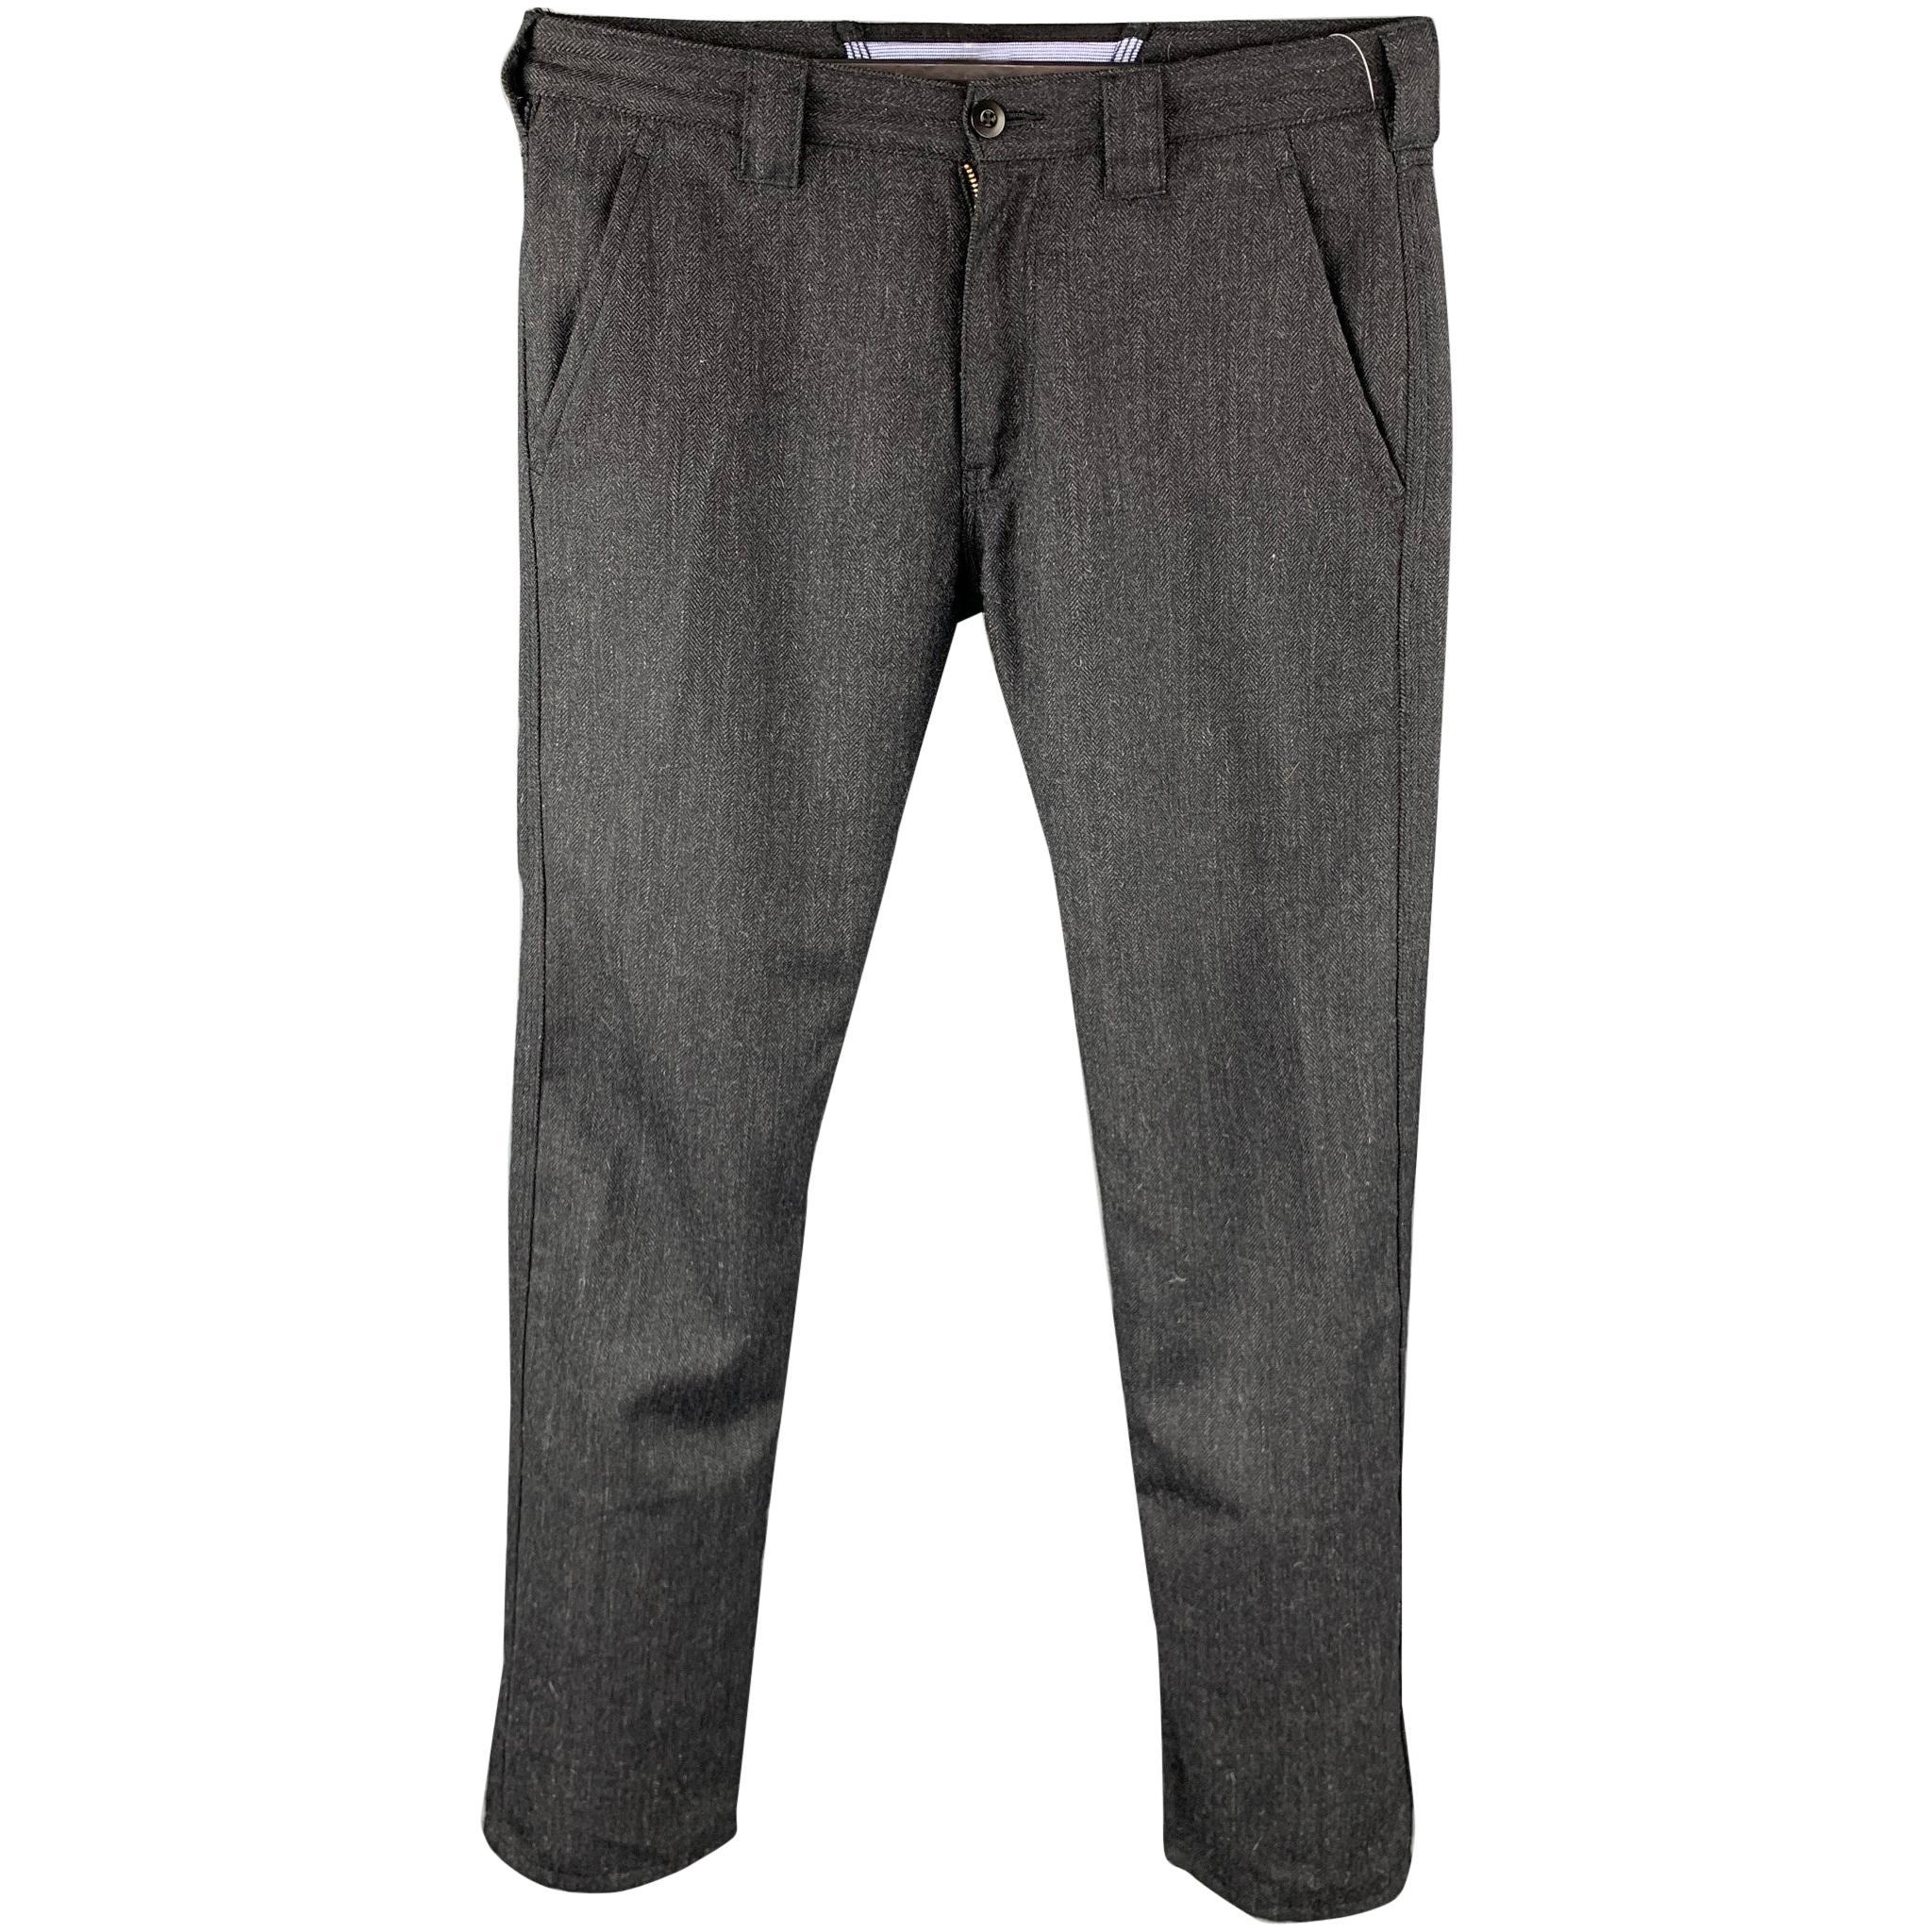 JUNYA WATANABE Size L Charcoal Herringbone Wool Blend Dress Pants